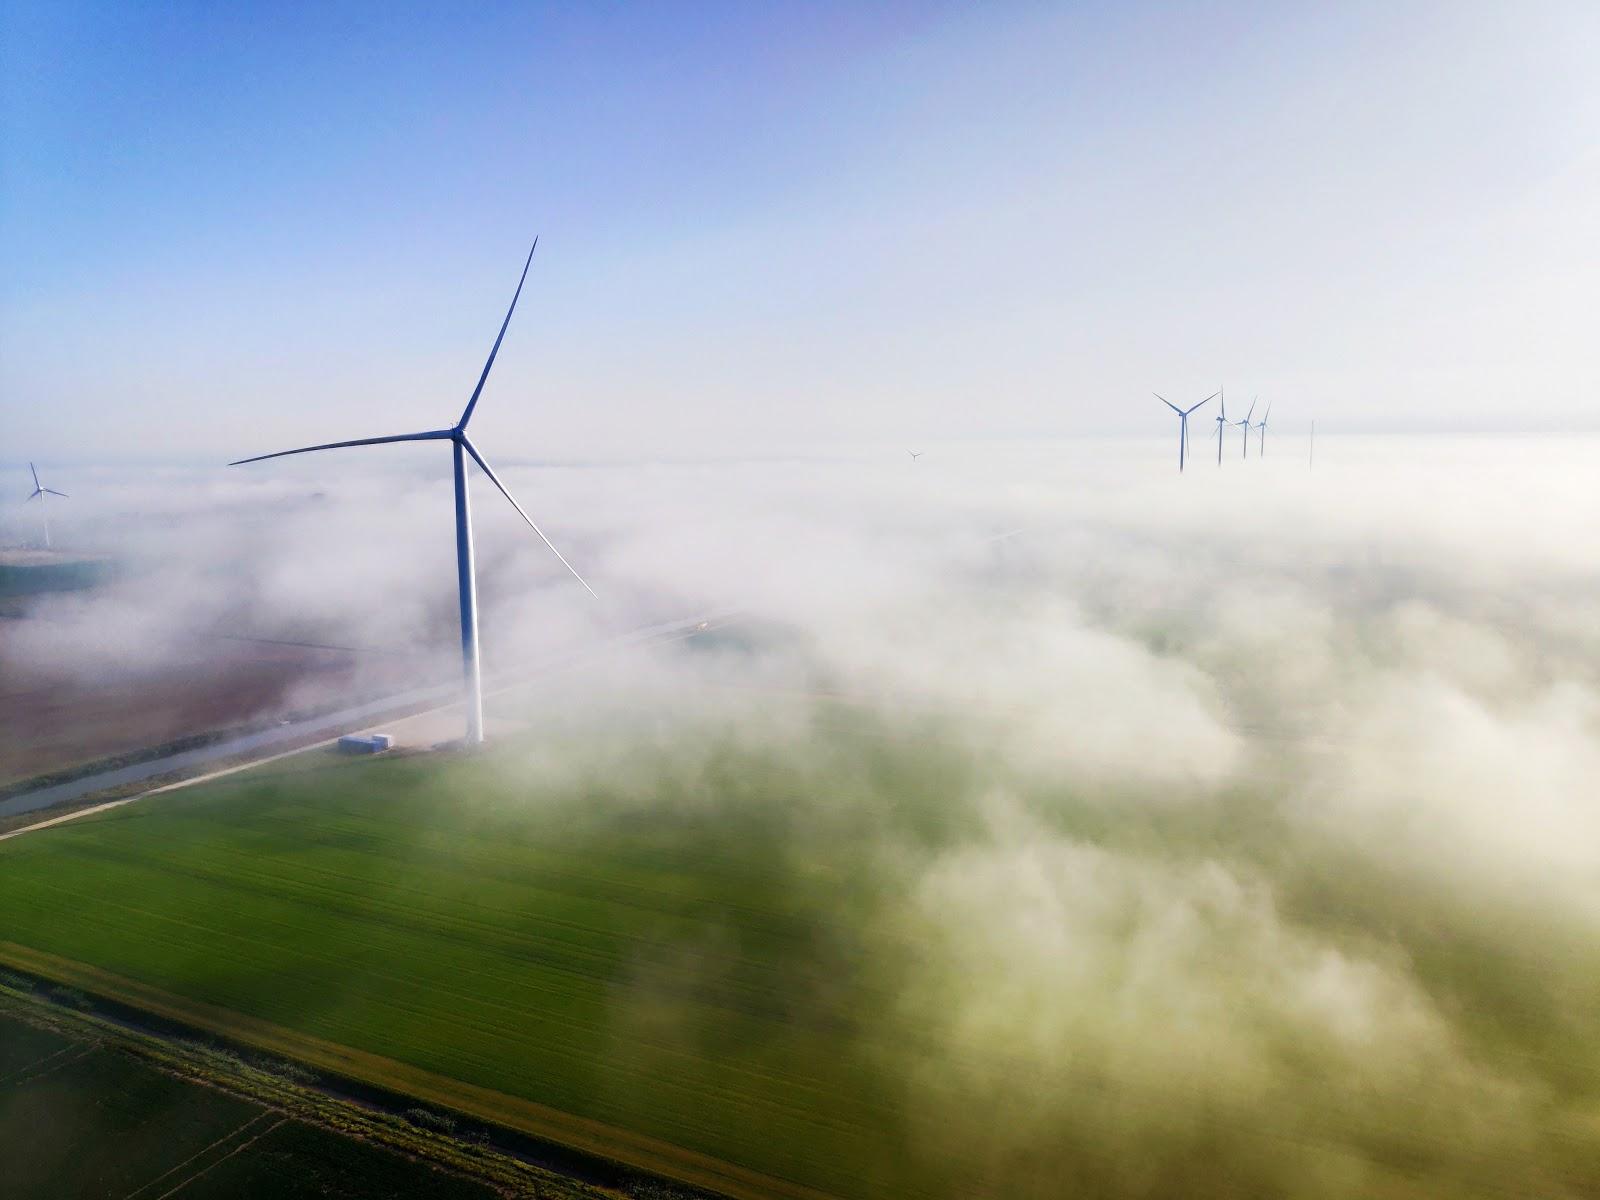 Photo over EWTW wind test site, Wieringermeer, The Netherlands. Credit: Gerben Bergmann